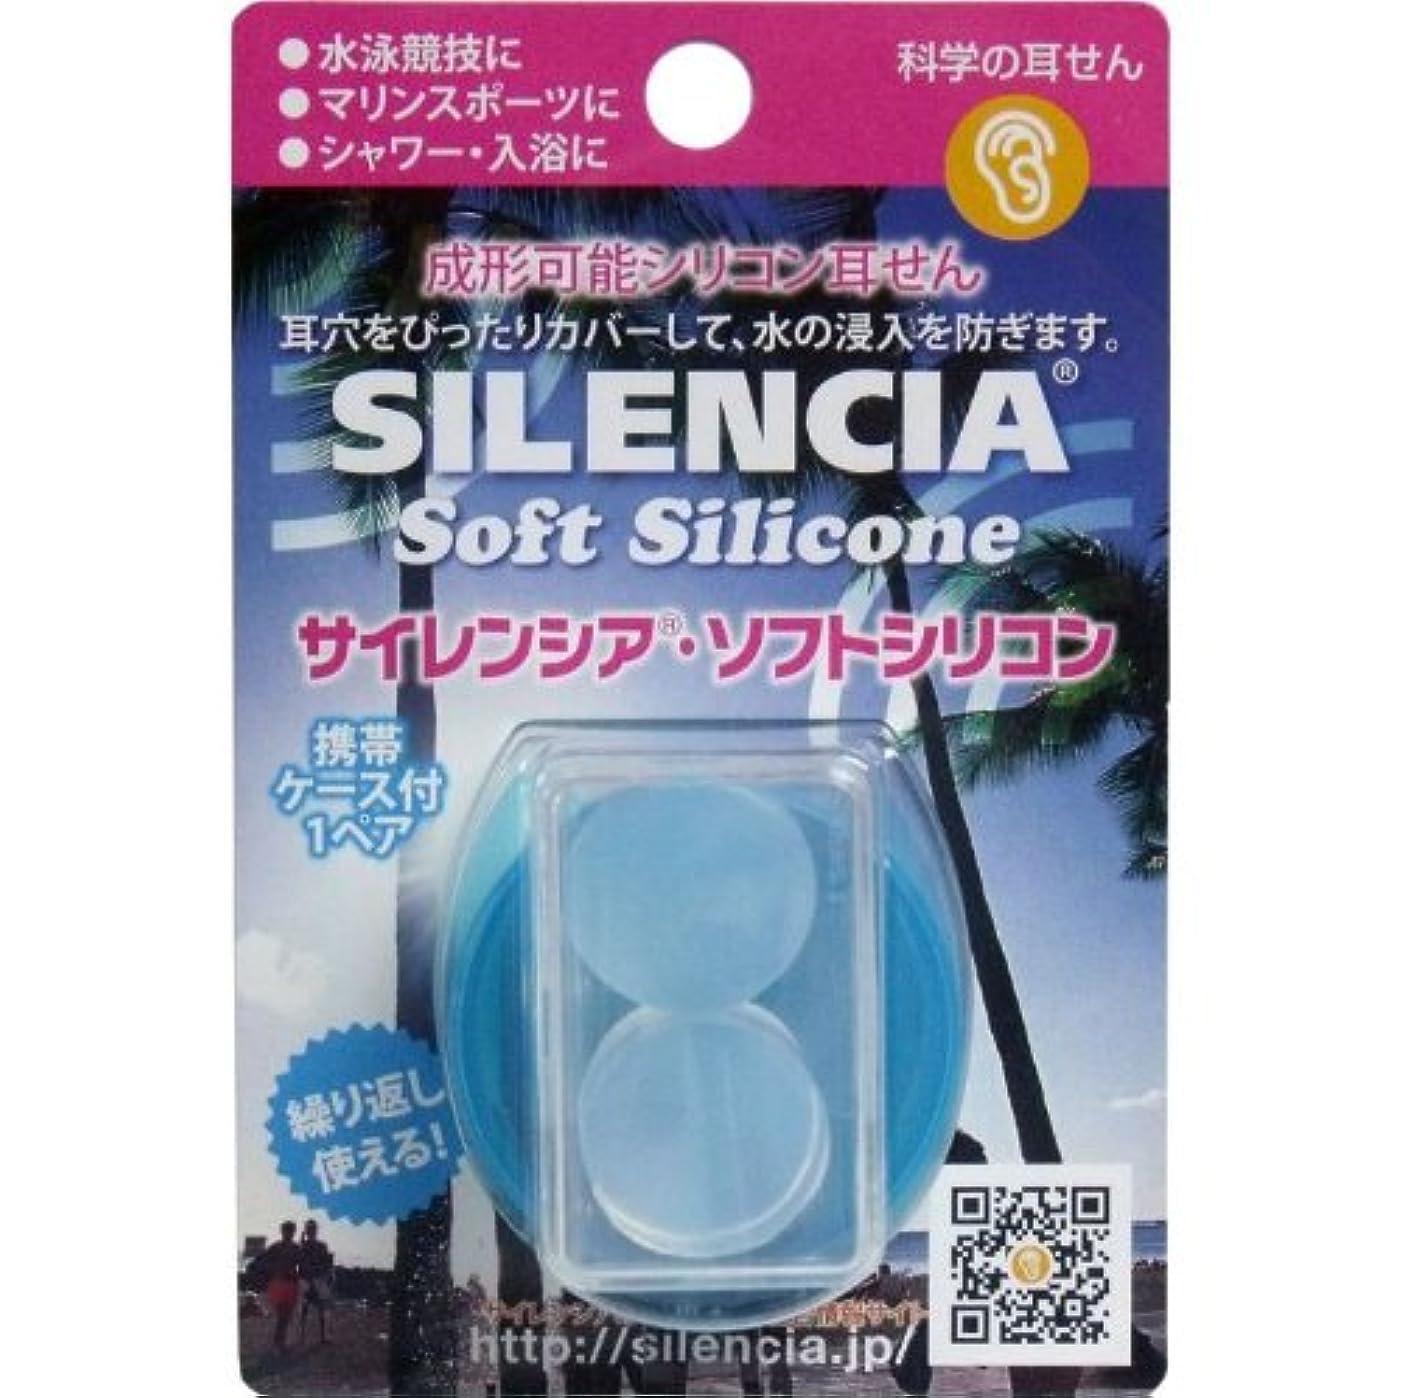 騒エッセイ廃止サイレンシア ソフトシリコン 携帯ケース付1ペア入